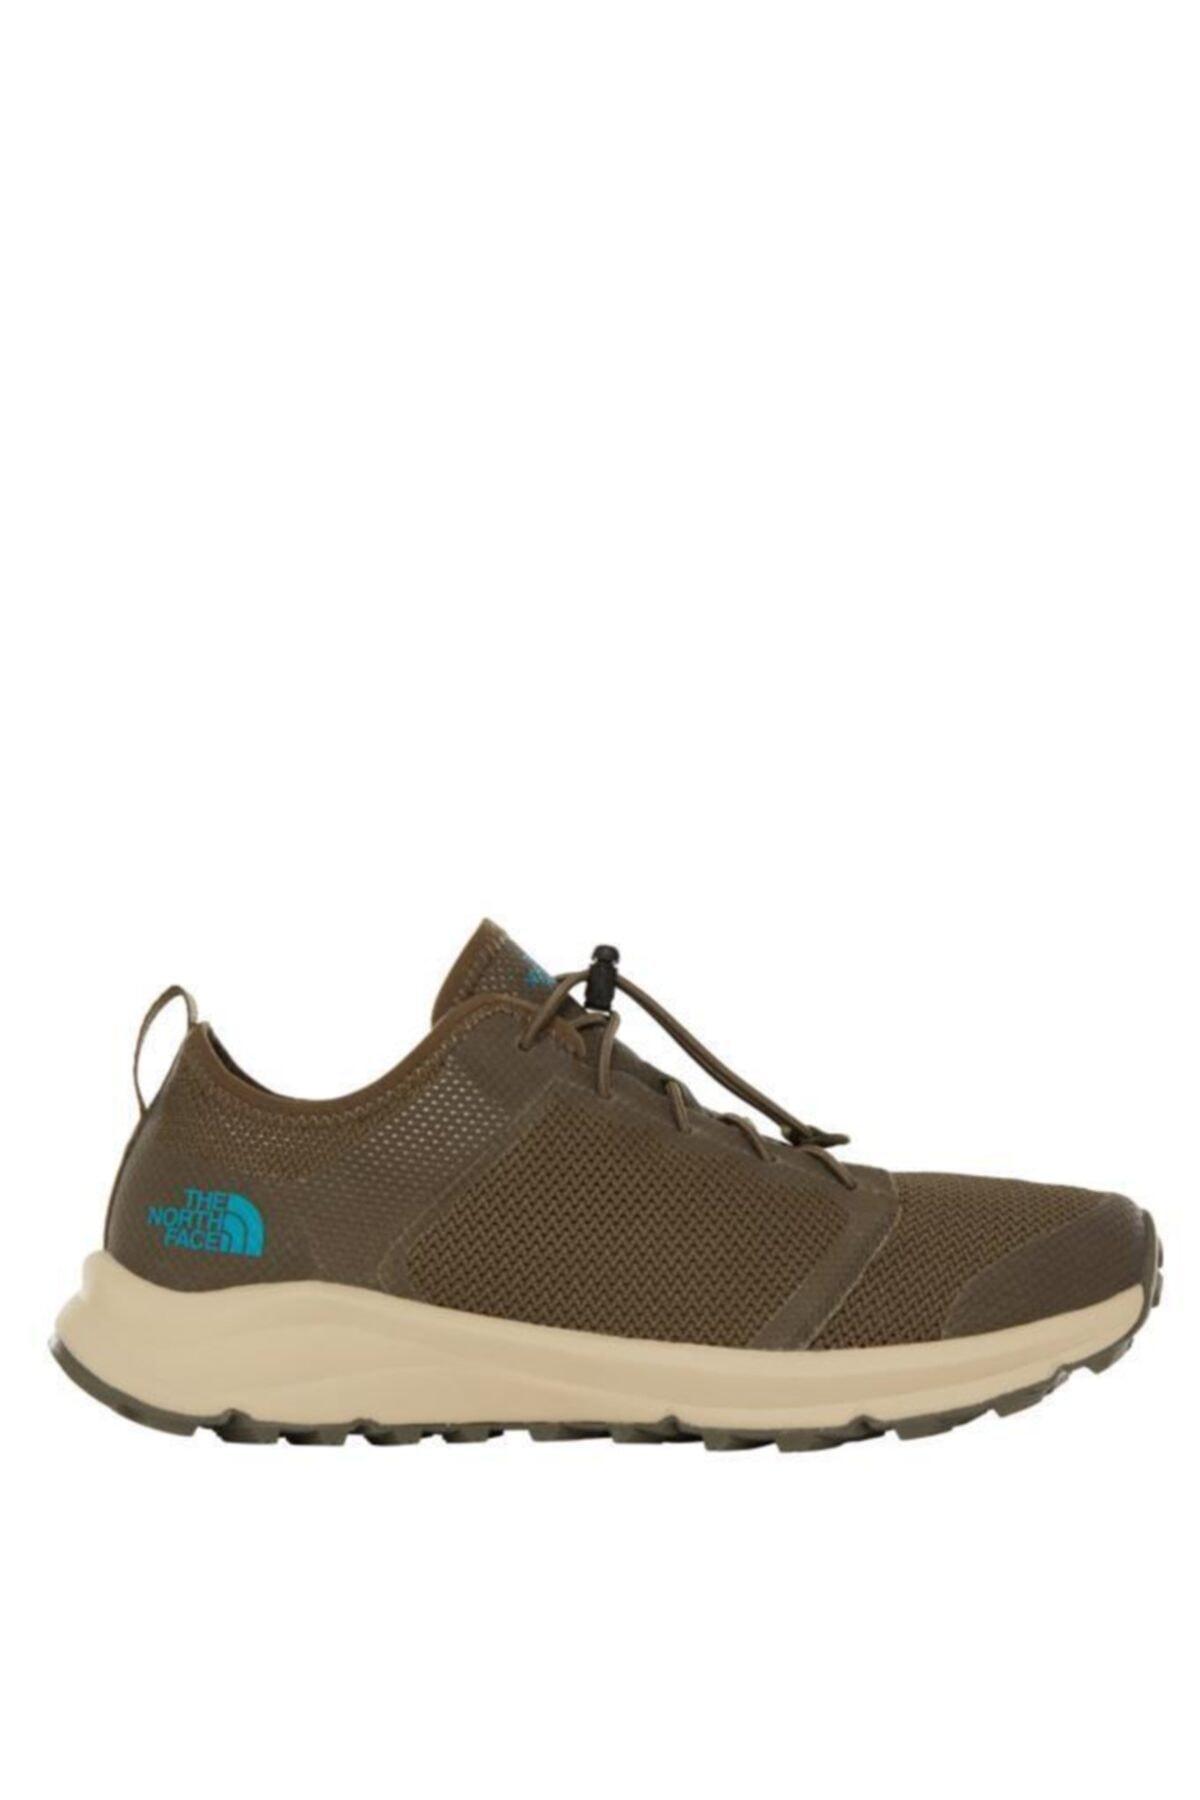 THE NORTH FACE NF0A3RDS3NL1 Haki Erkek Sneaker Ayakkabı 100576587 2